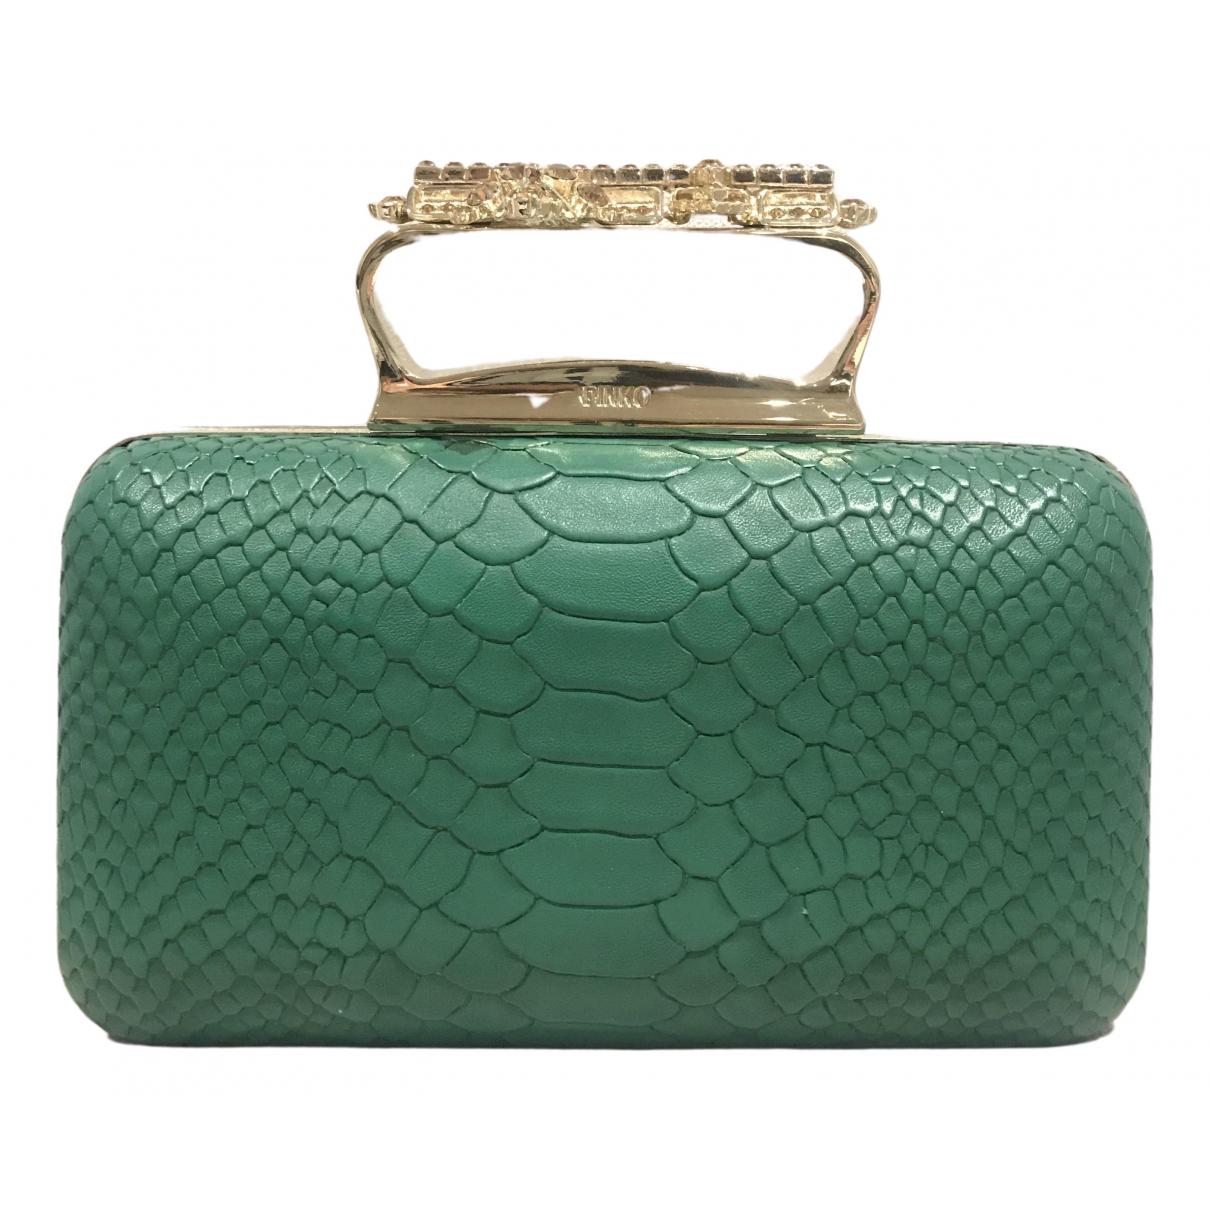 Pinko \N Green Leather Clutch bag for Women \N